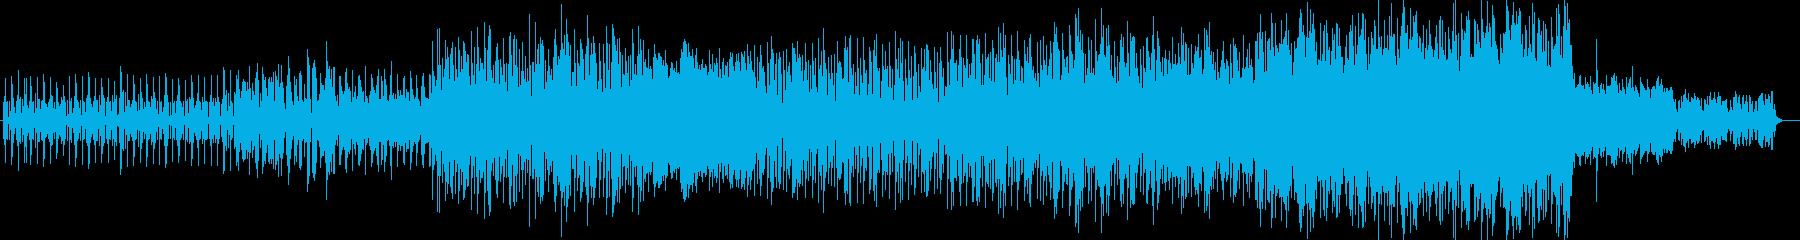 お洒落な木琴シンセポップの再生済みの波形